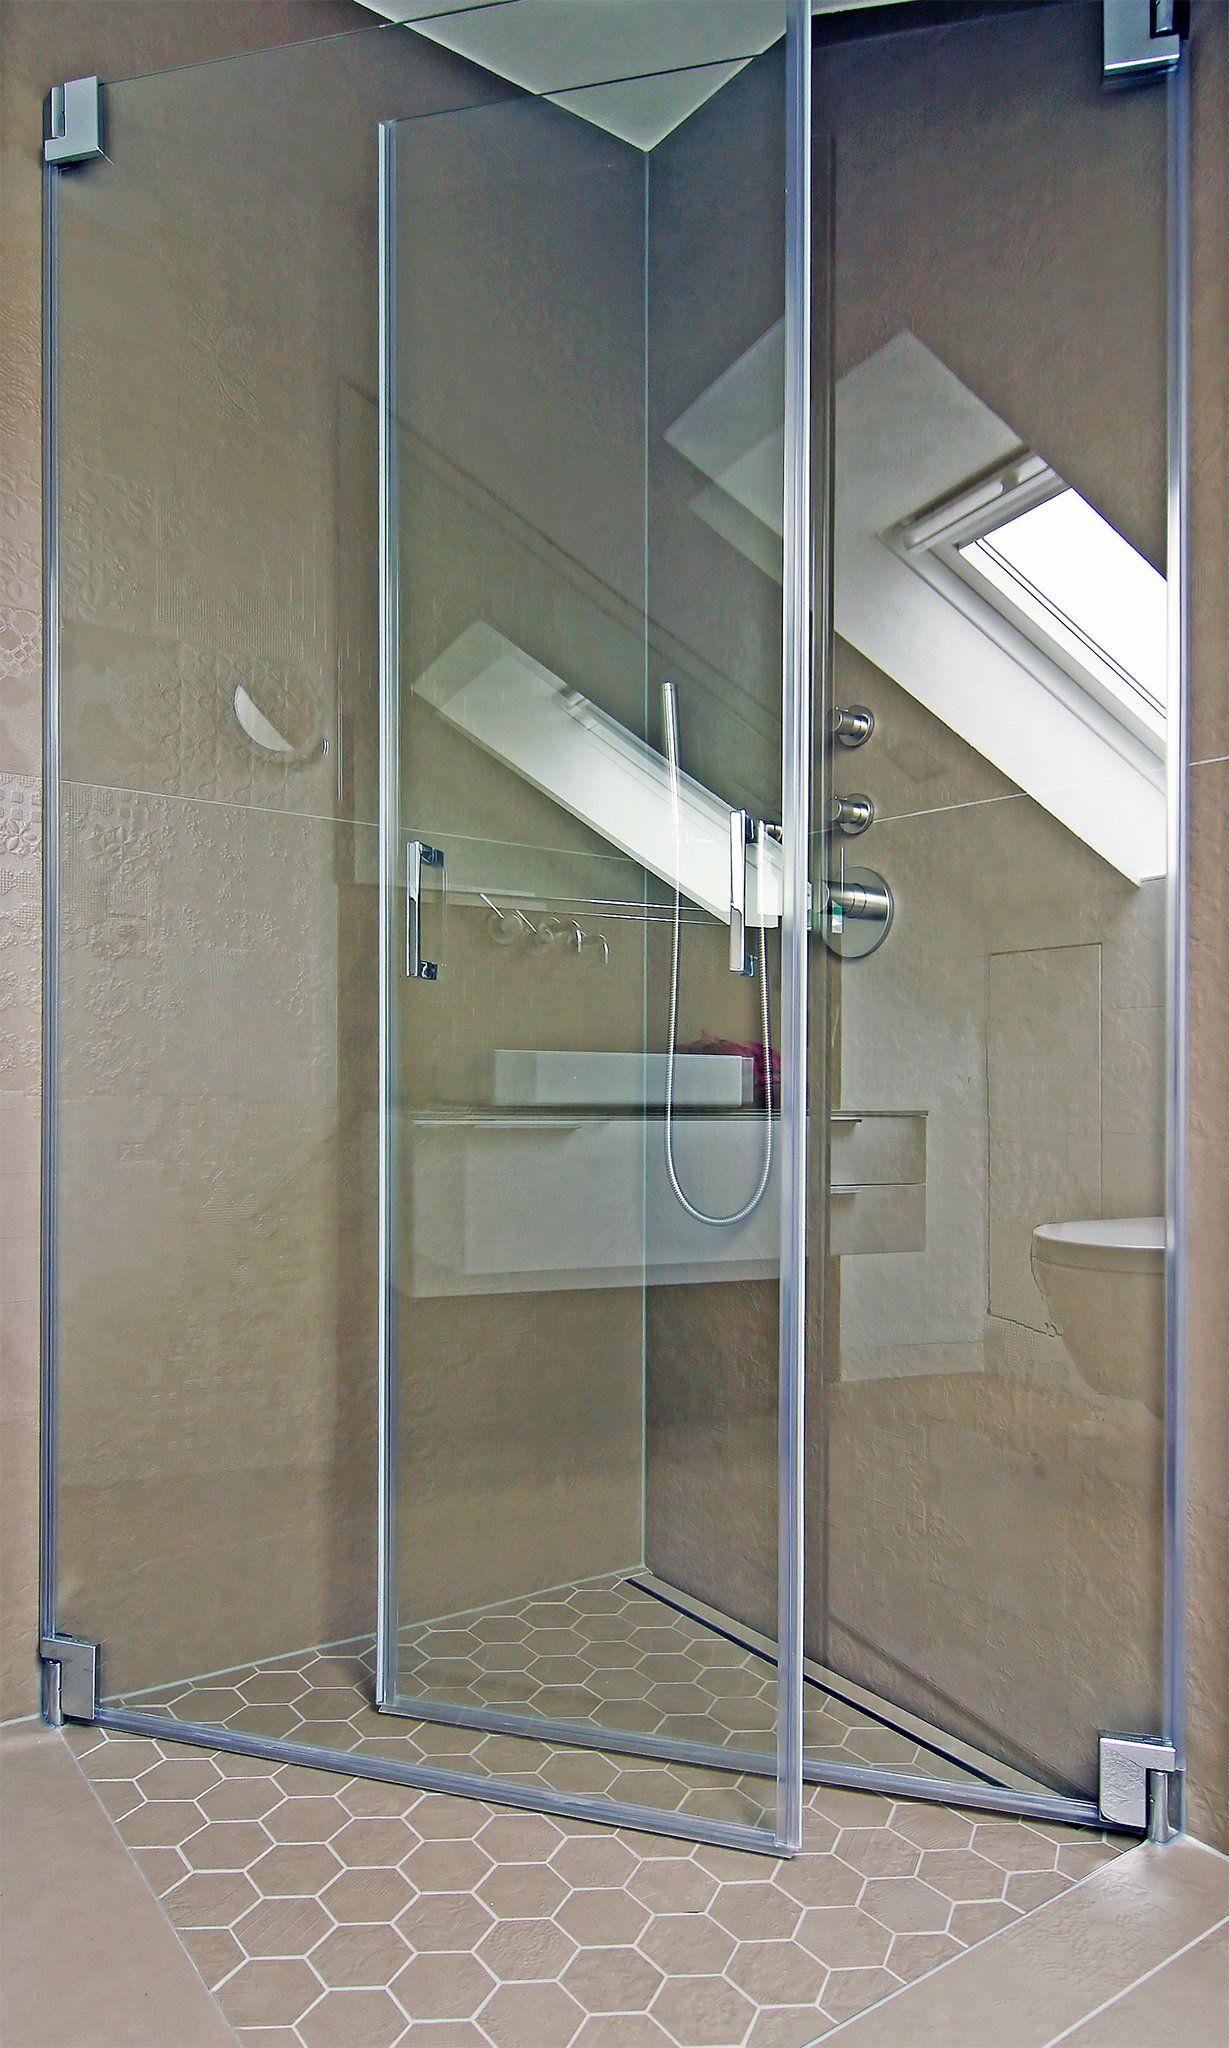 Vor und nach der renovierung des hauses bodengleiche dusche mit nach innen einklappbaren türen  blumenstr